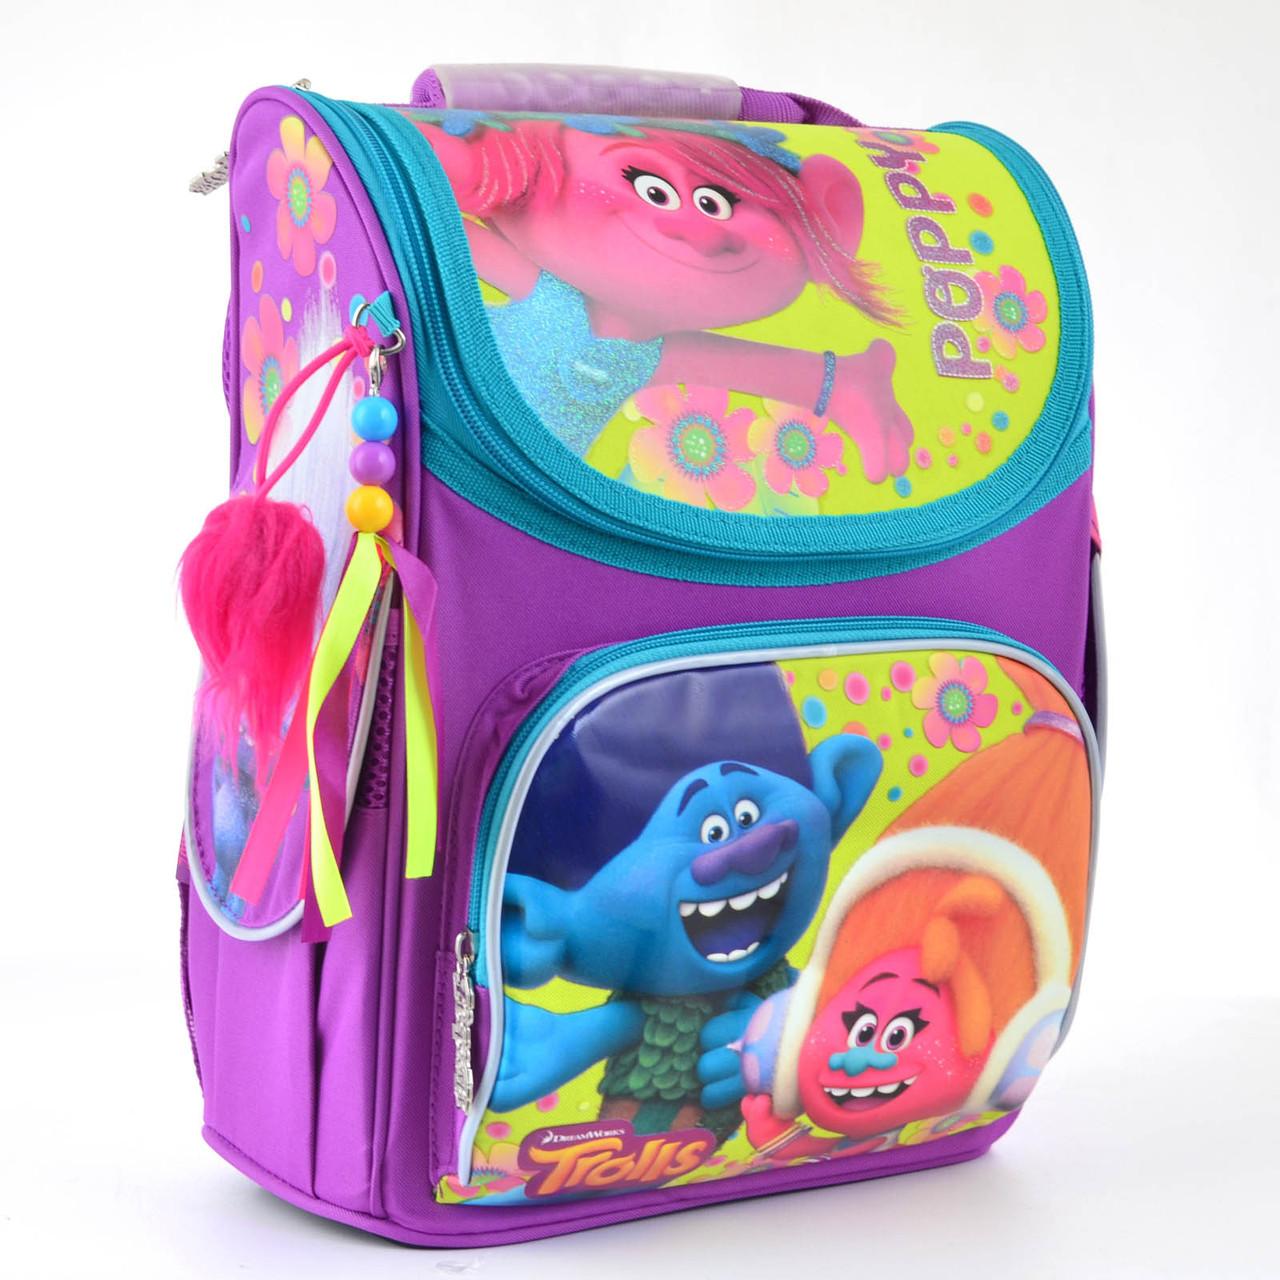 Рюкзак каркасный H-11 Trolls, 34*26*14